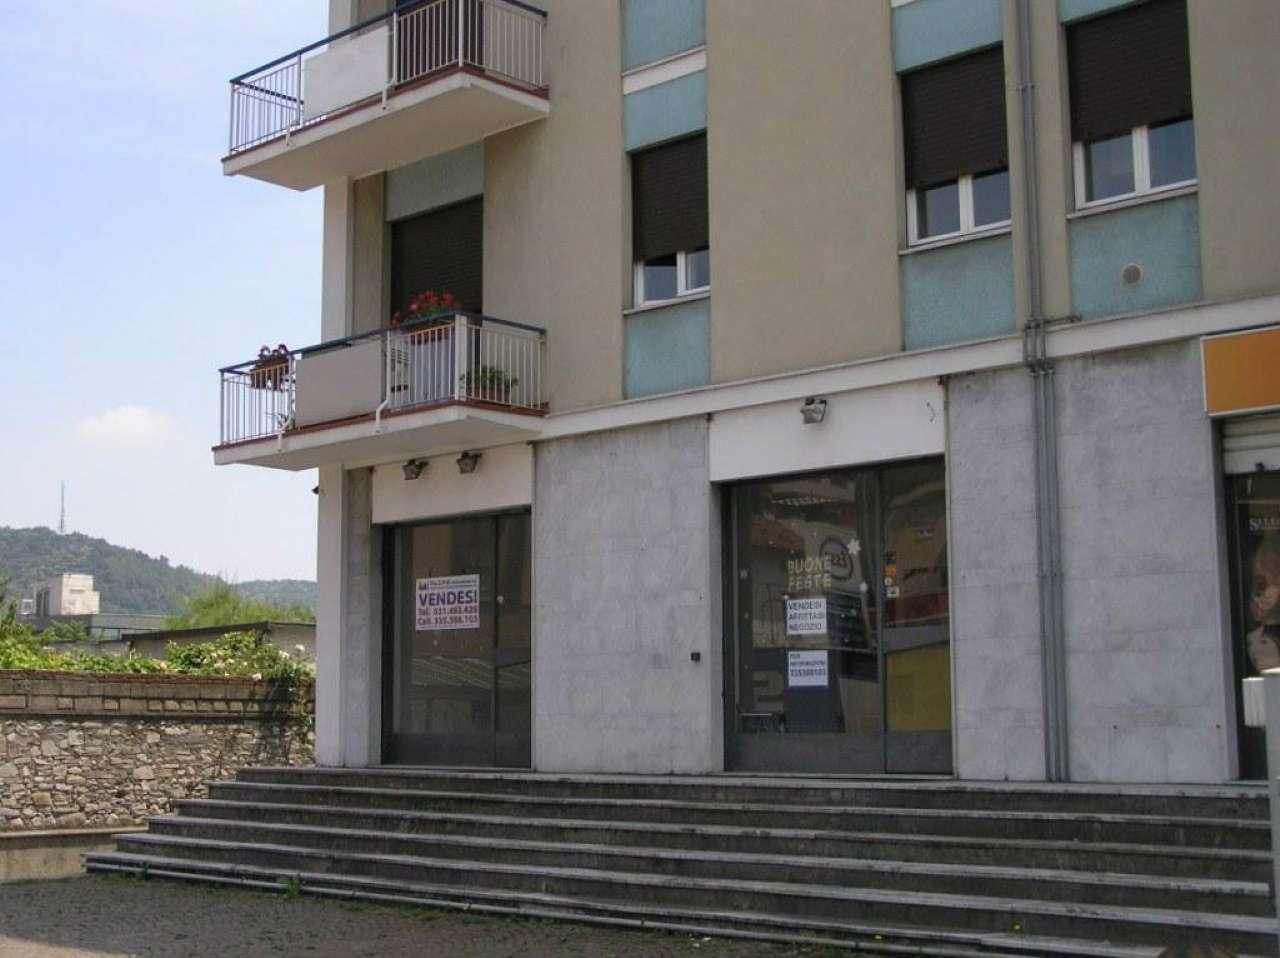 Negozio / Locale in vendita a Como, 2 locali, zona Zona: 7 . Breccia - Camerlata - Rebbio, prezzo € 105.000 | CambioCasa.it